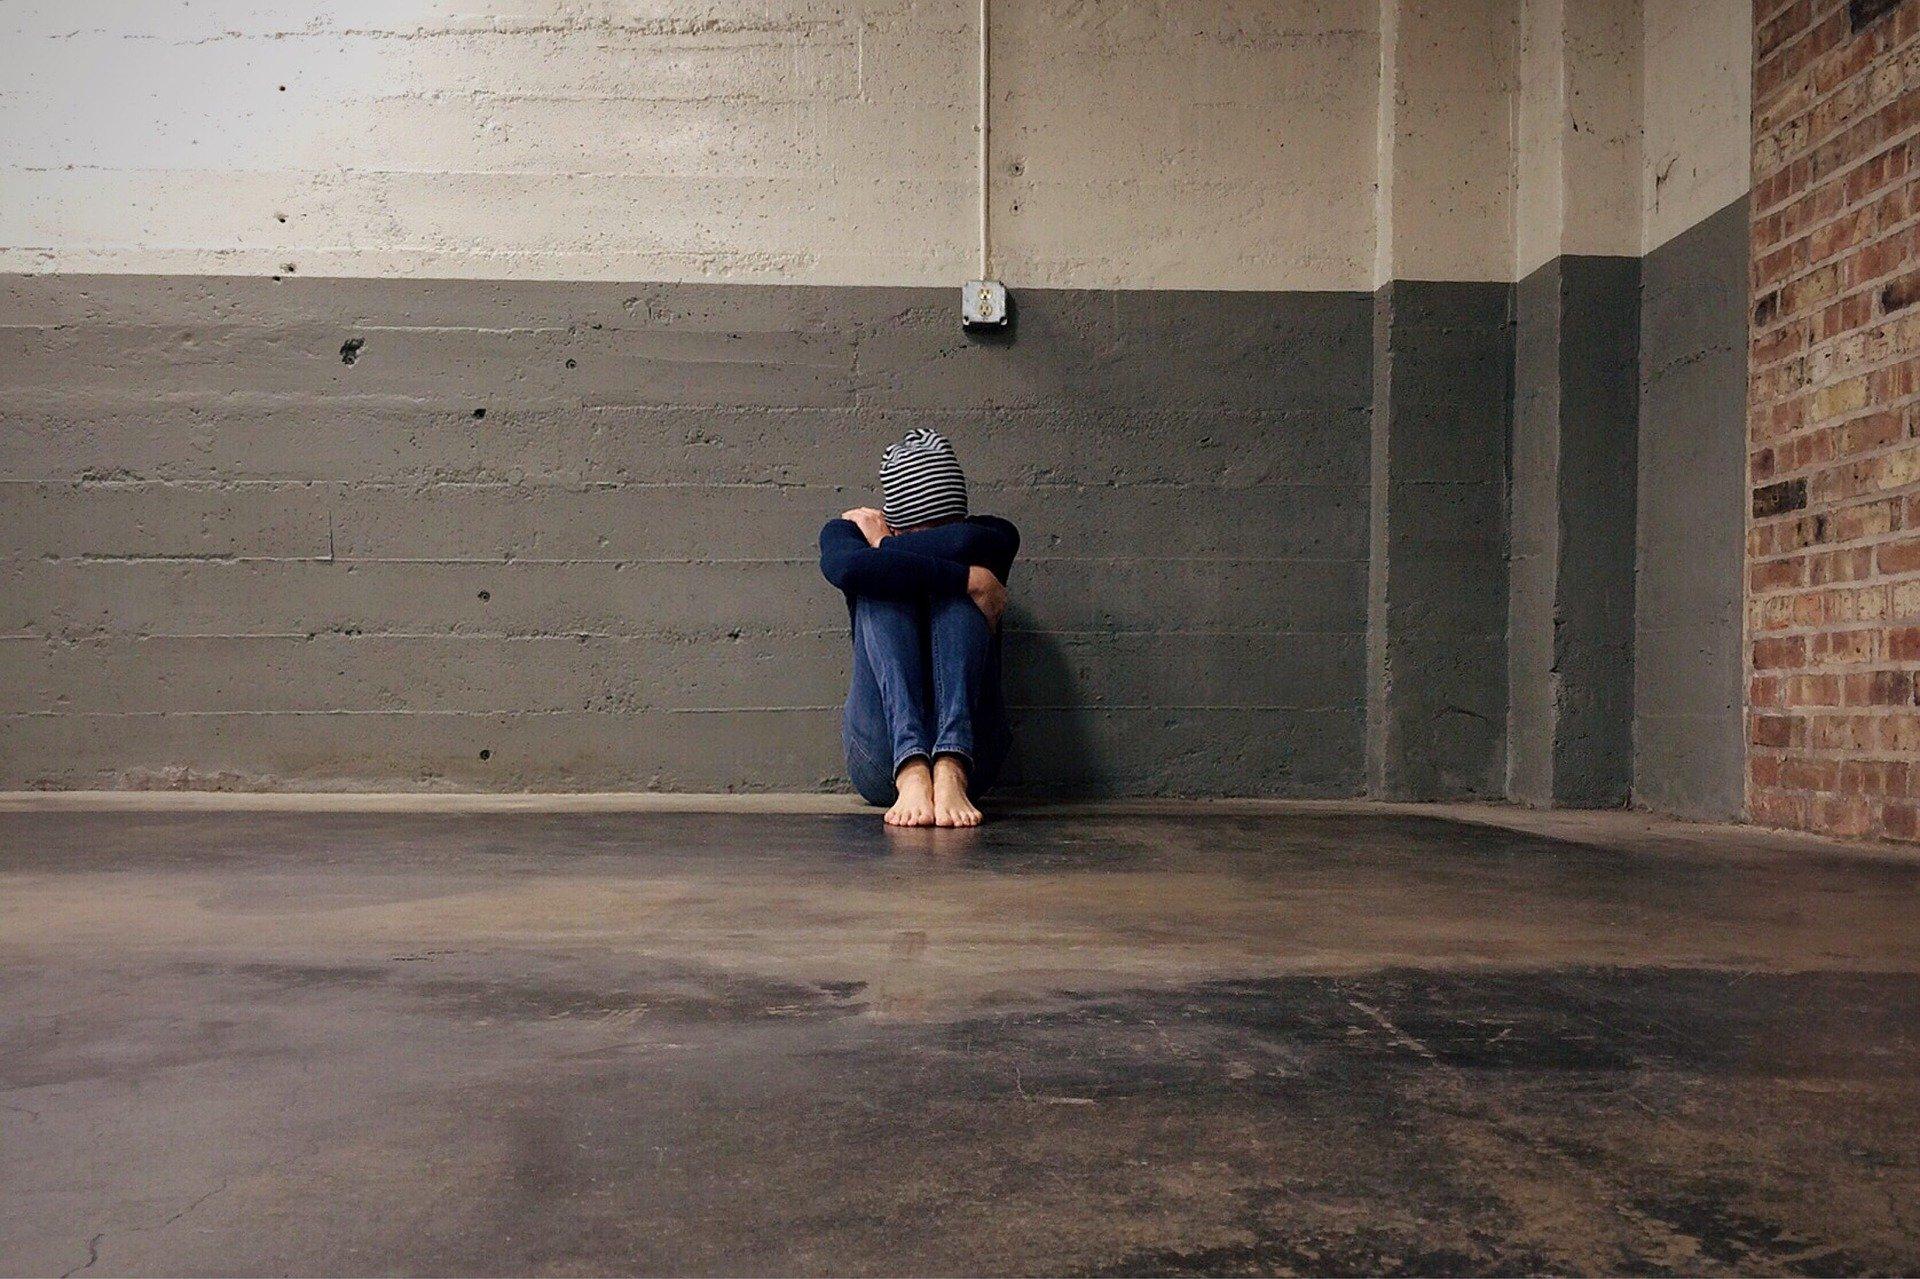 I più giovani, con le loro insicurezza, sono le vittime ideali del bullismo